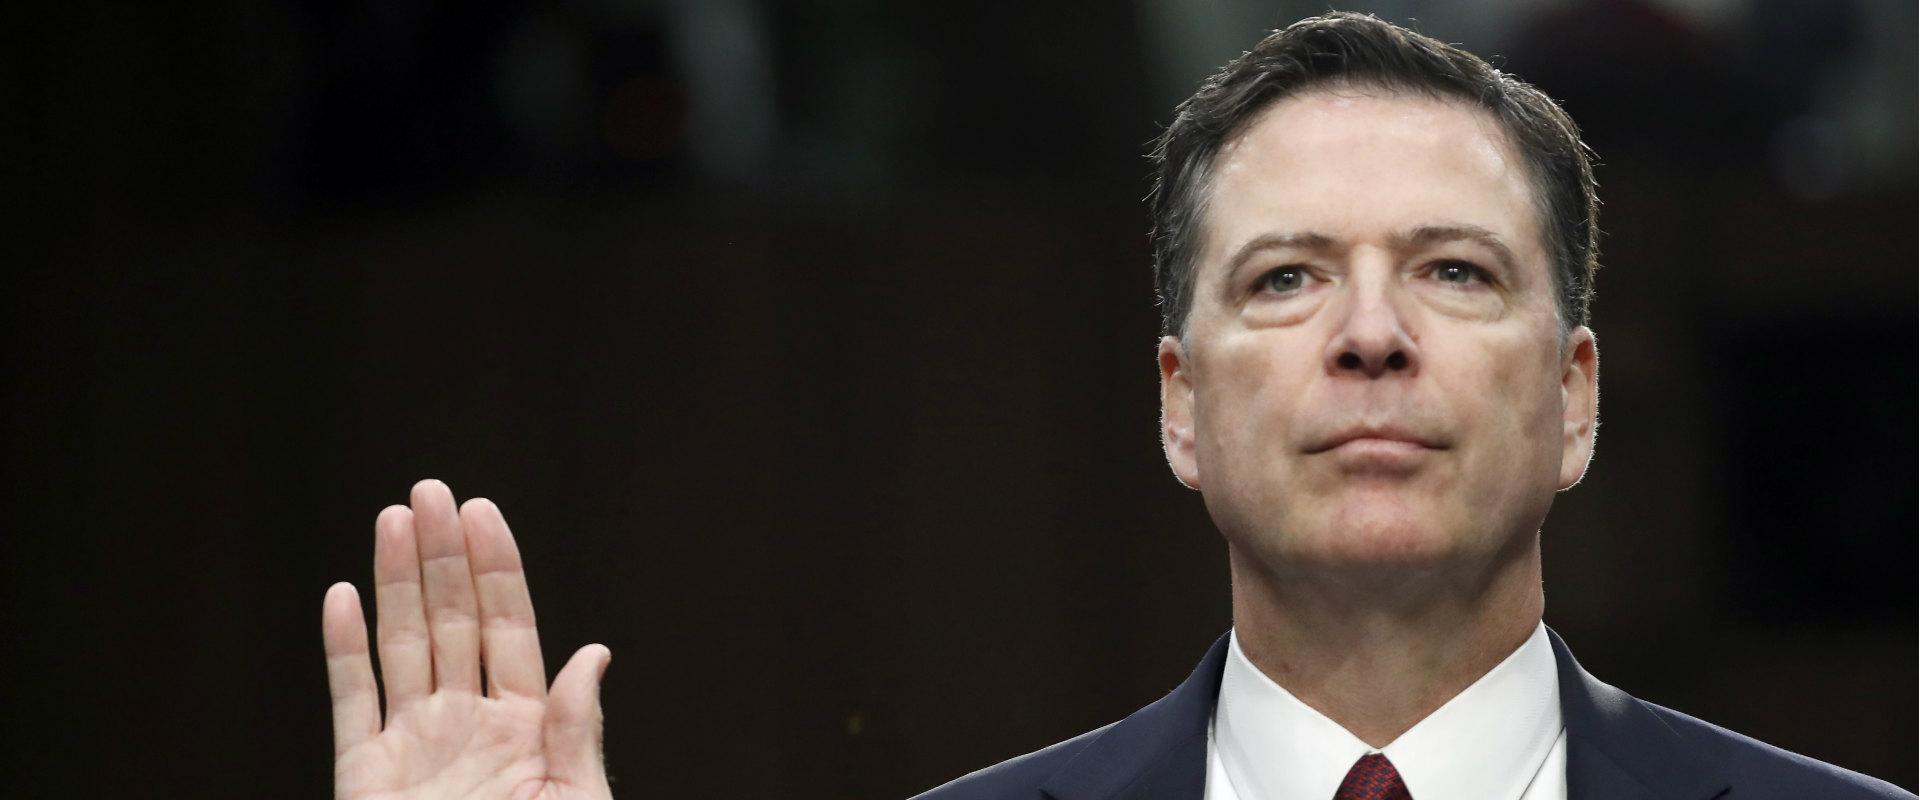 ראש ה-FBI לשעבר, ג'יימס קומי, בשימוע בסנאט, יוני 2